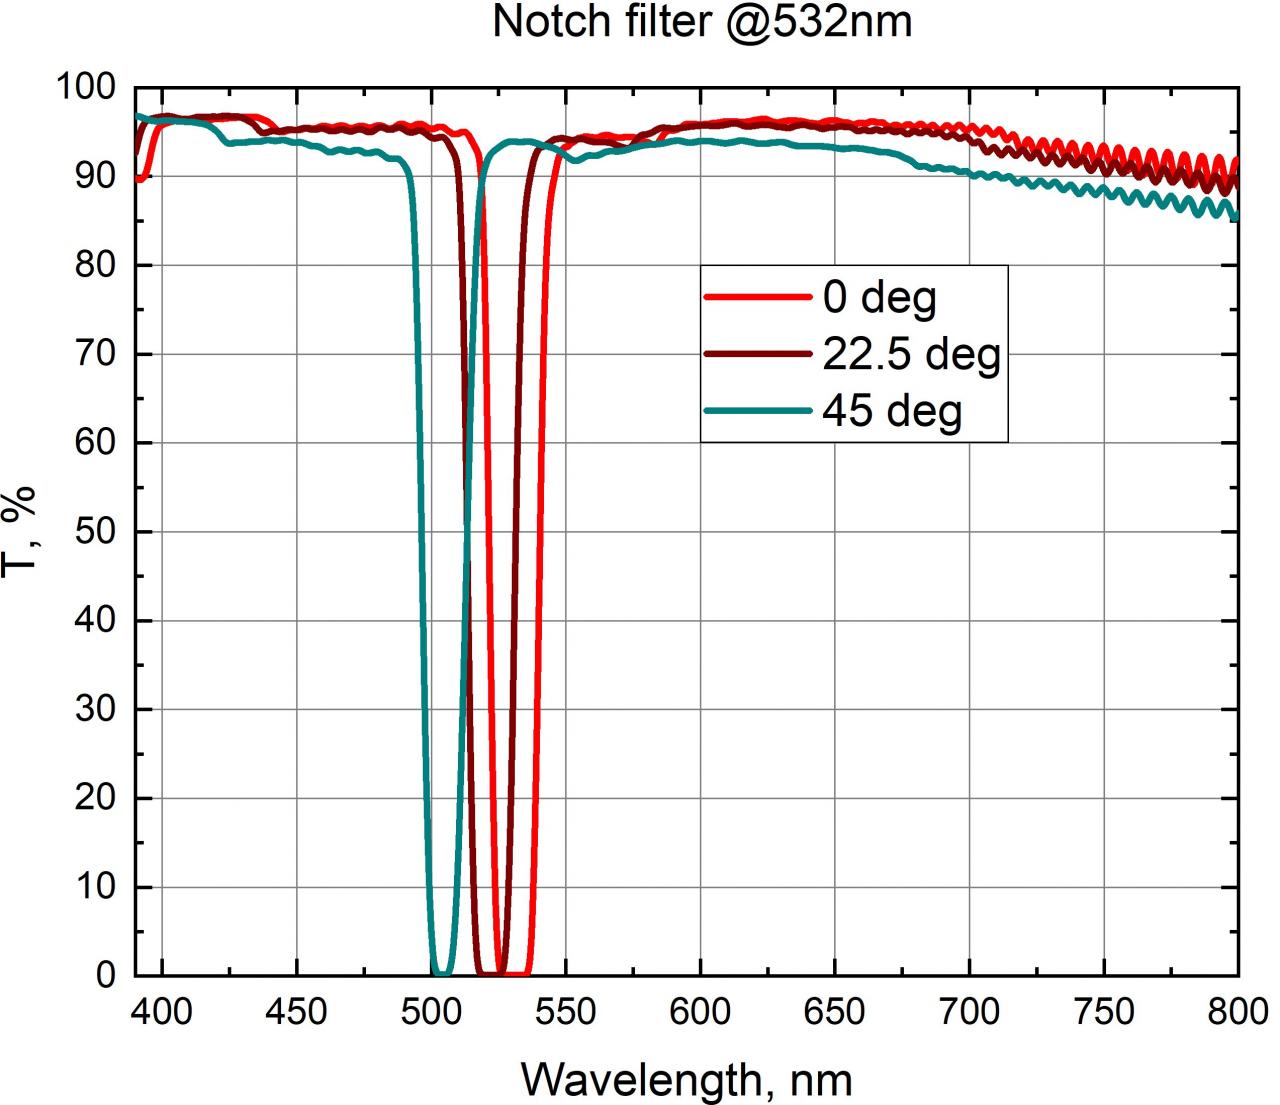 Notch Filter @532